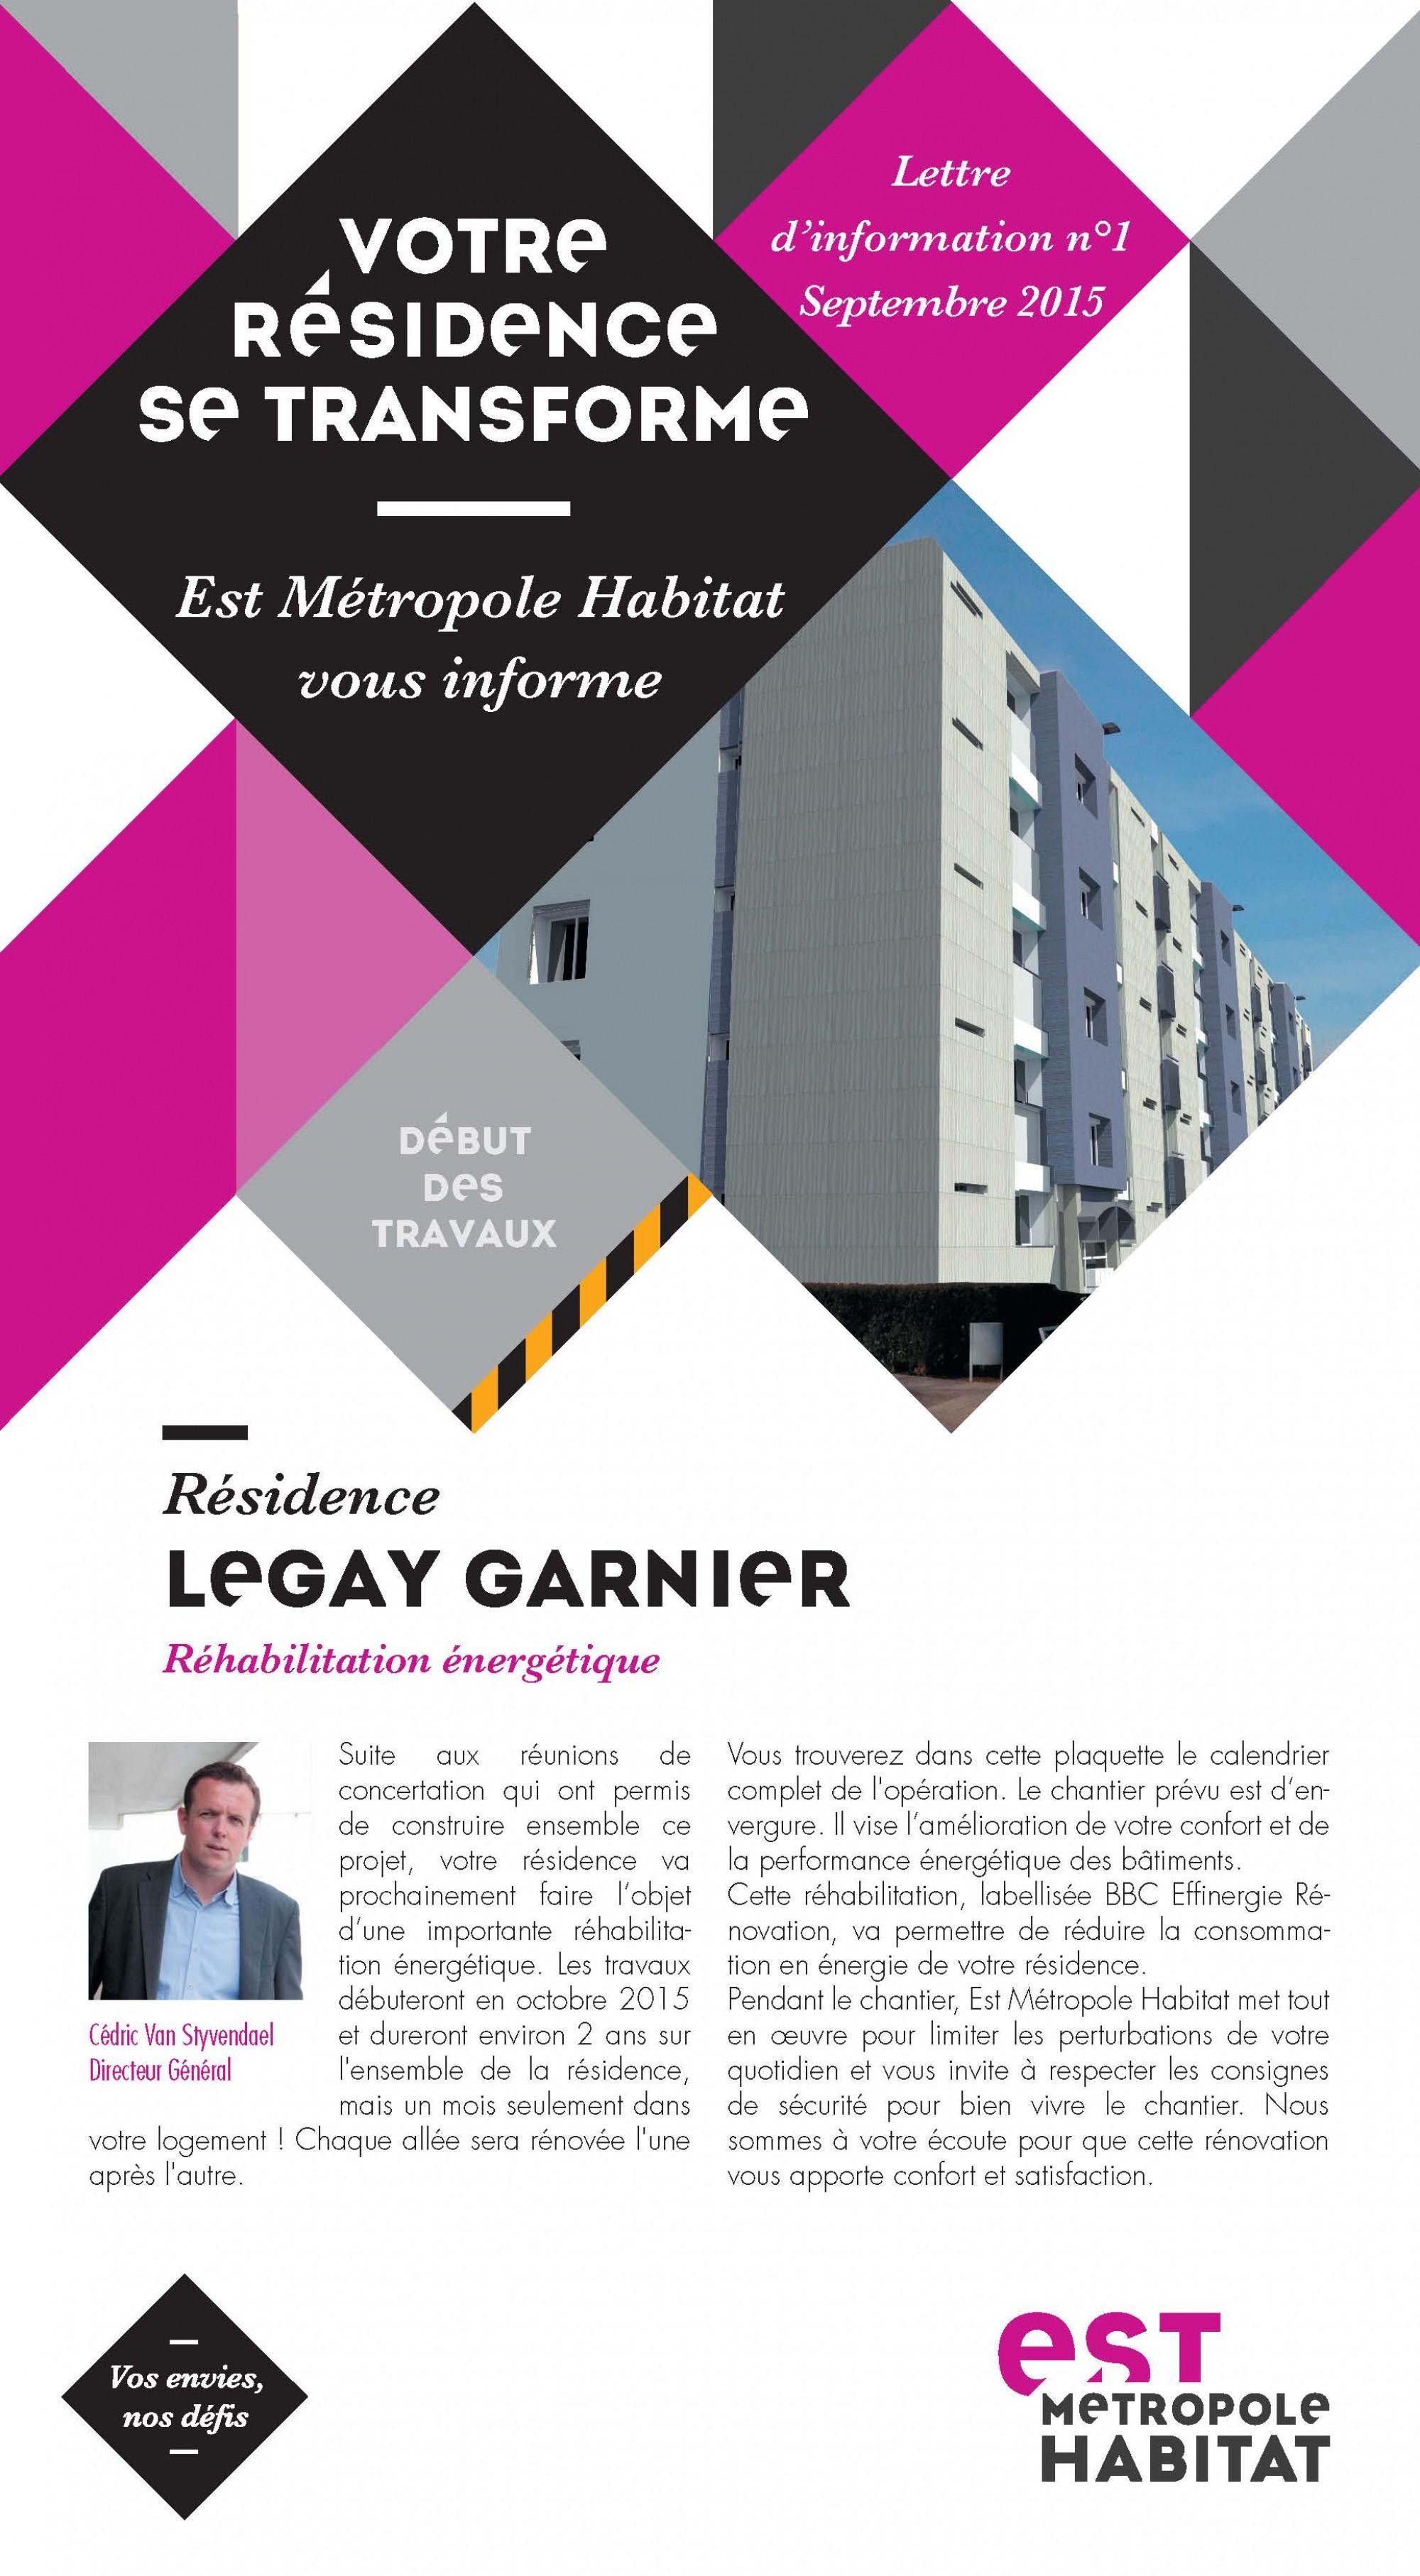 Plaquette n1 legay garnier_1 de couv_web_Page_1